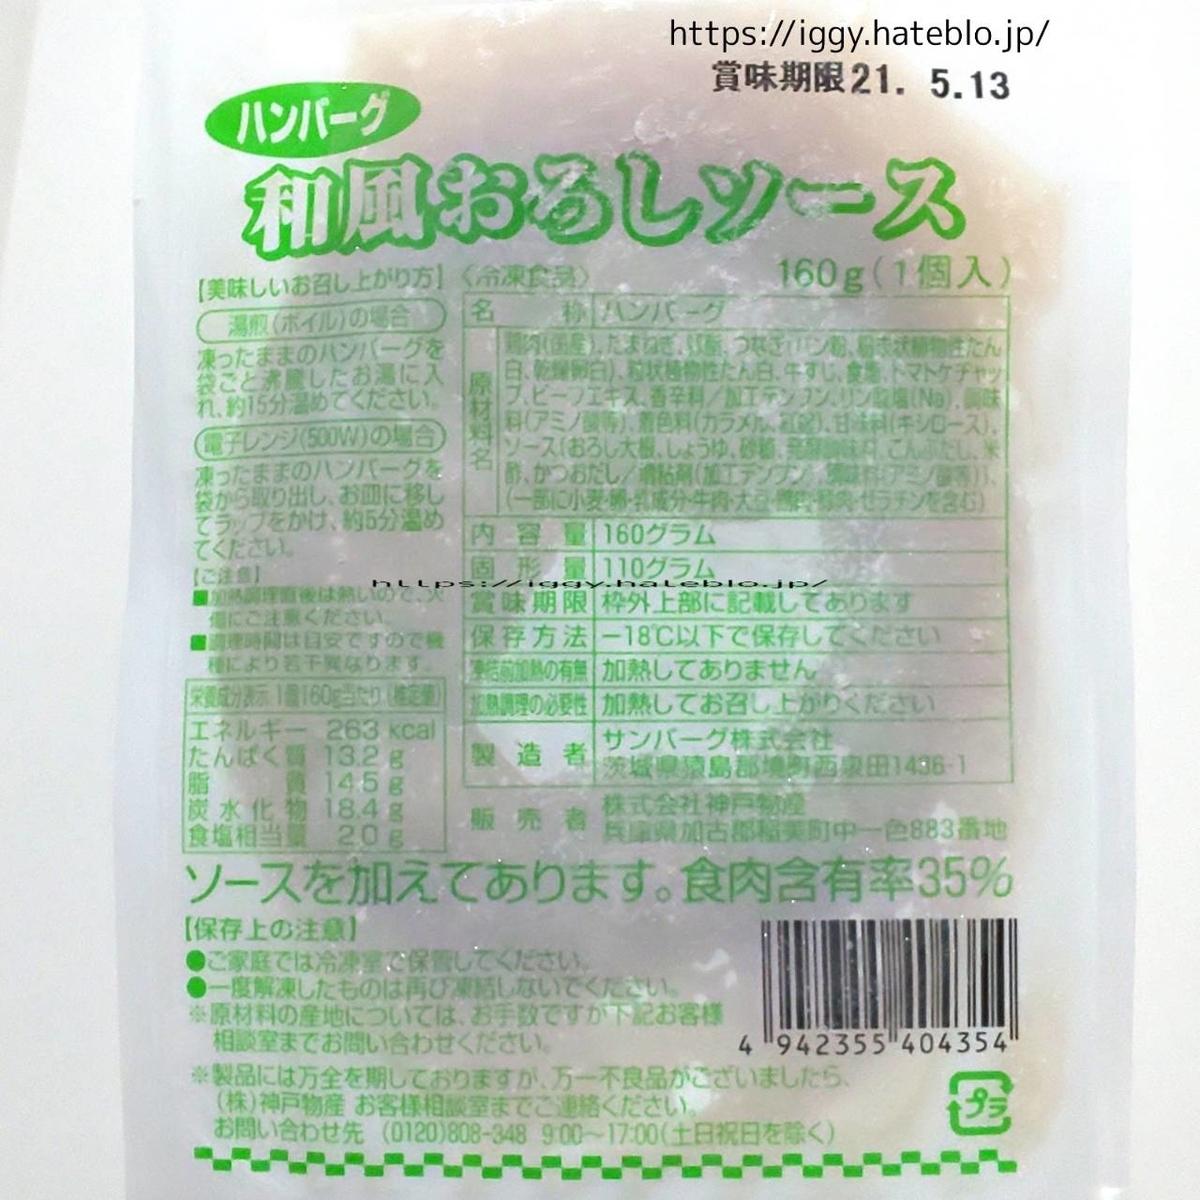 業務スーパー  冷凍食品 ハンバーグ 和風おろしソース パッケージ表 LIFE